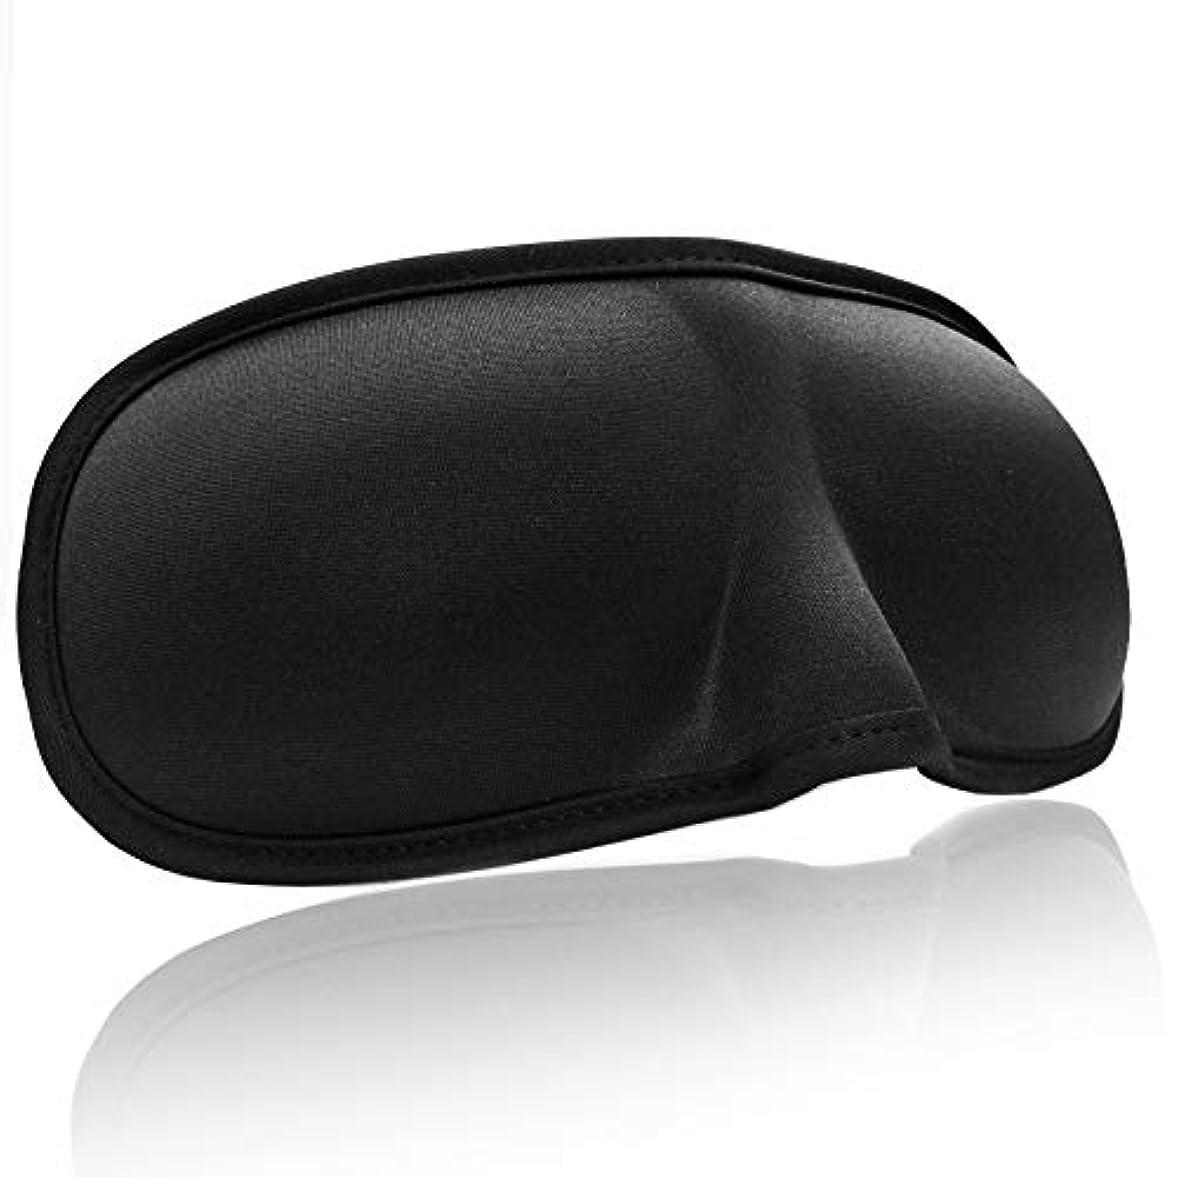 NOTE ポータブル3dスリーピングアイマスクシェーディングマスク用睡眠ソフト調整可能包帯目にアイシェードカバー旅行アイパッチ+耳栓